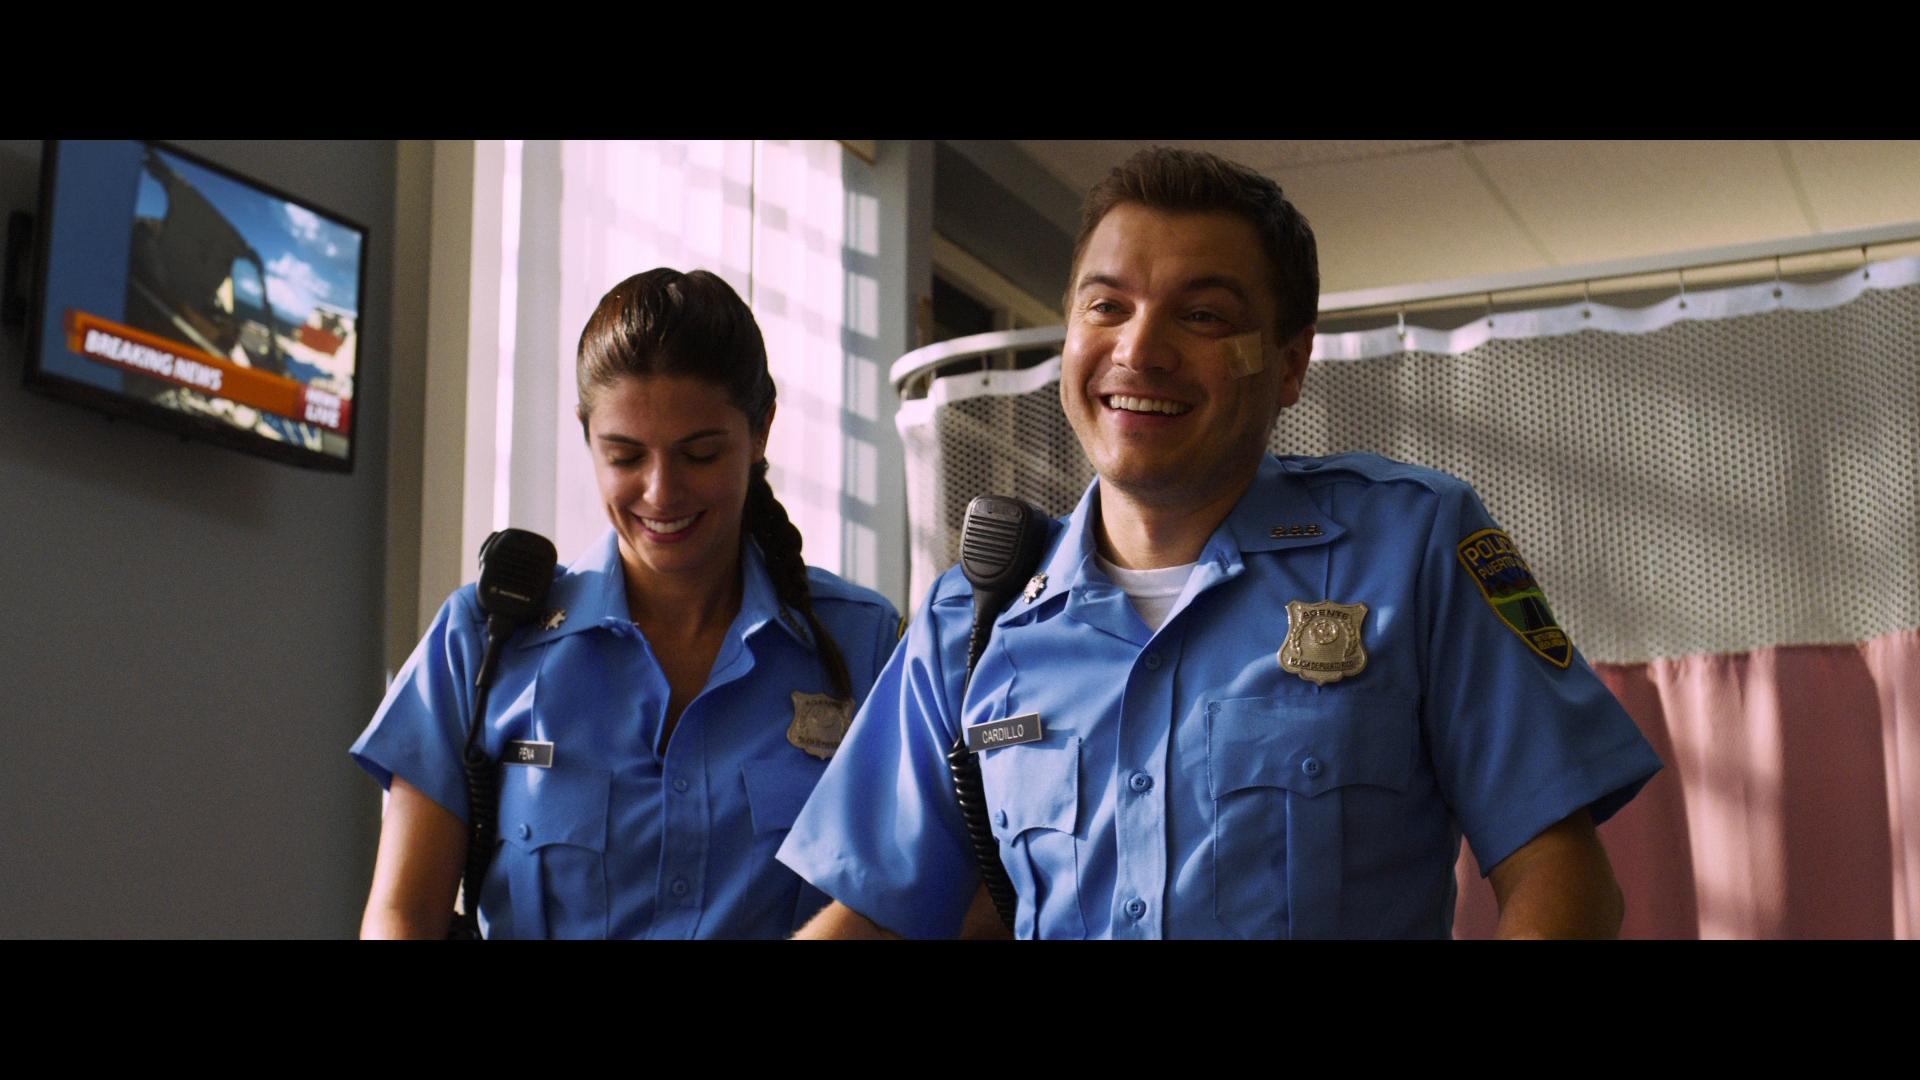 La Fuerza de la Naturaleza (2020) Extended 1080p Remux Latino